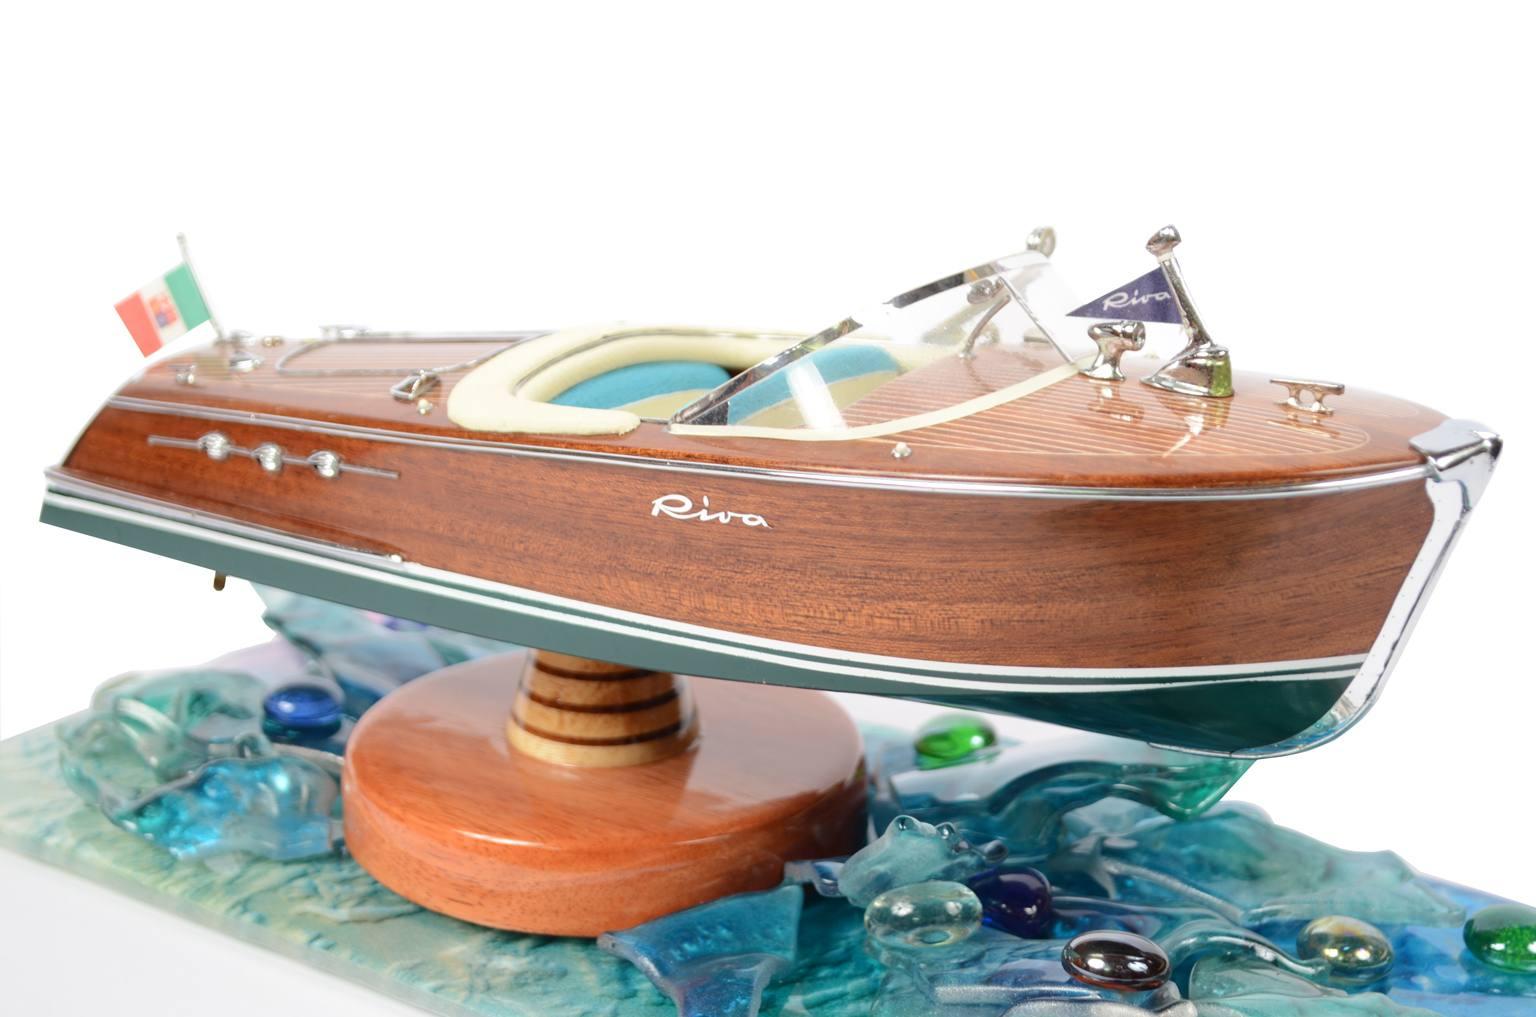 Modelli di navi d'epoca/5390A-Modellino Riva Ariston